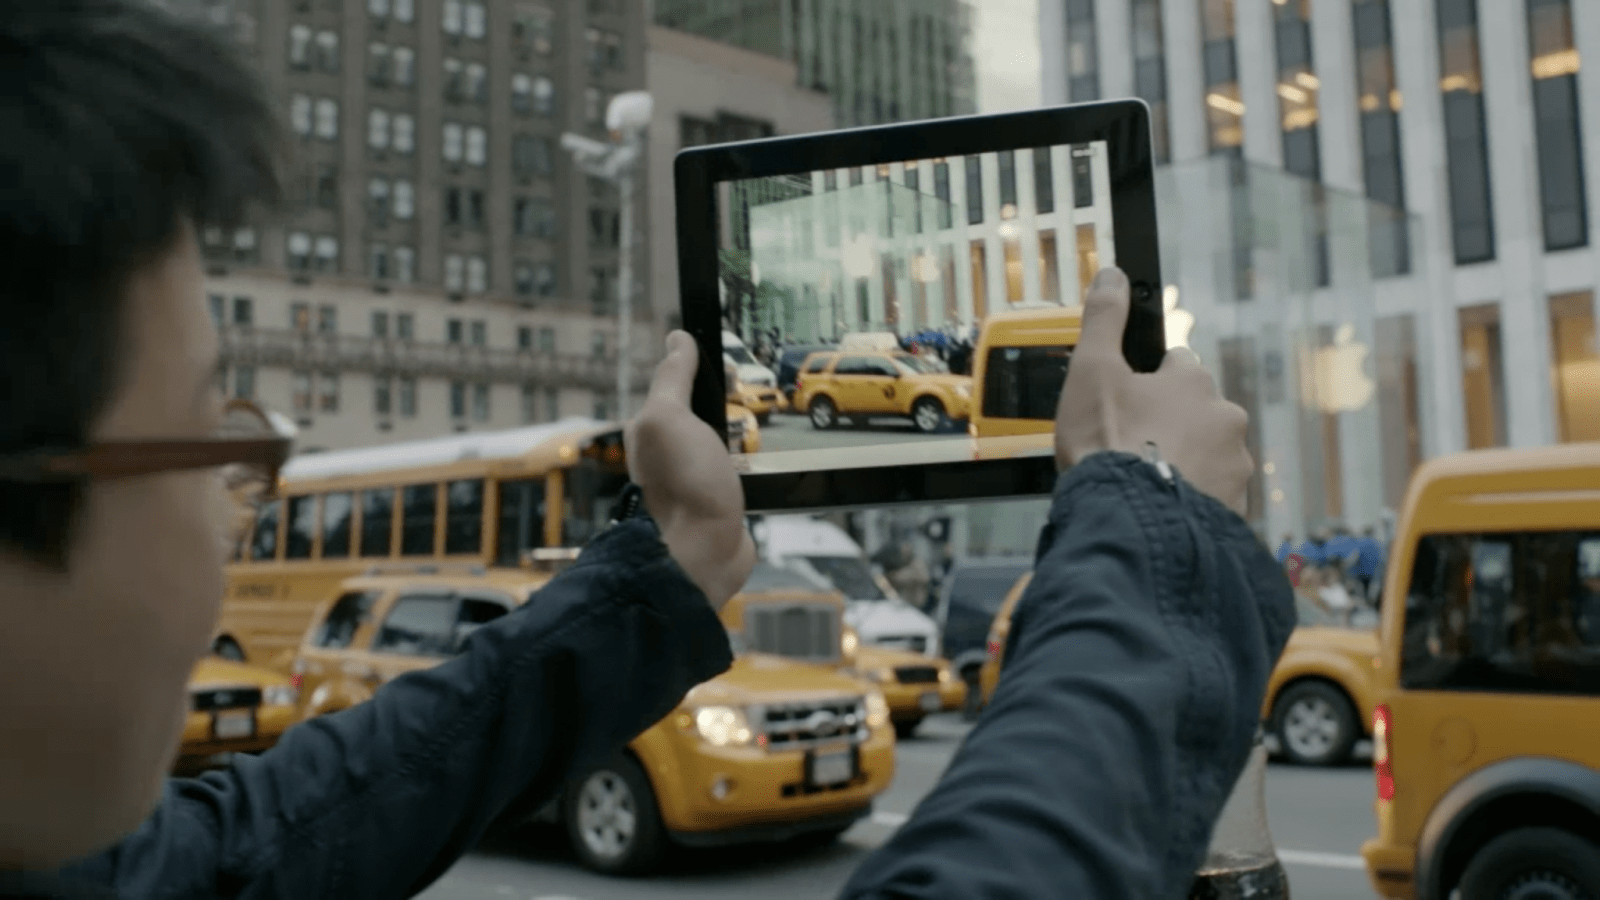 Podsumowanie ostatniej konferencji Apple – Nowe iPady, nowy iMac, Mac Mini i Macbook z Retiną